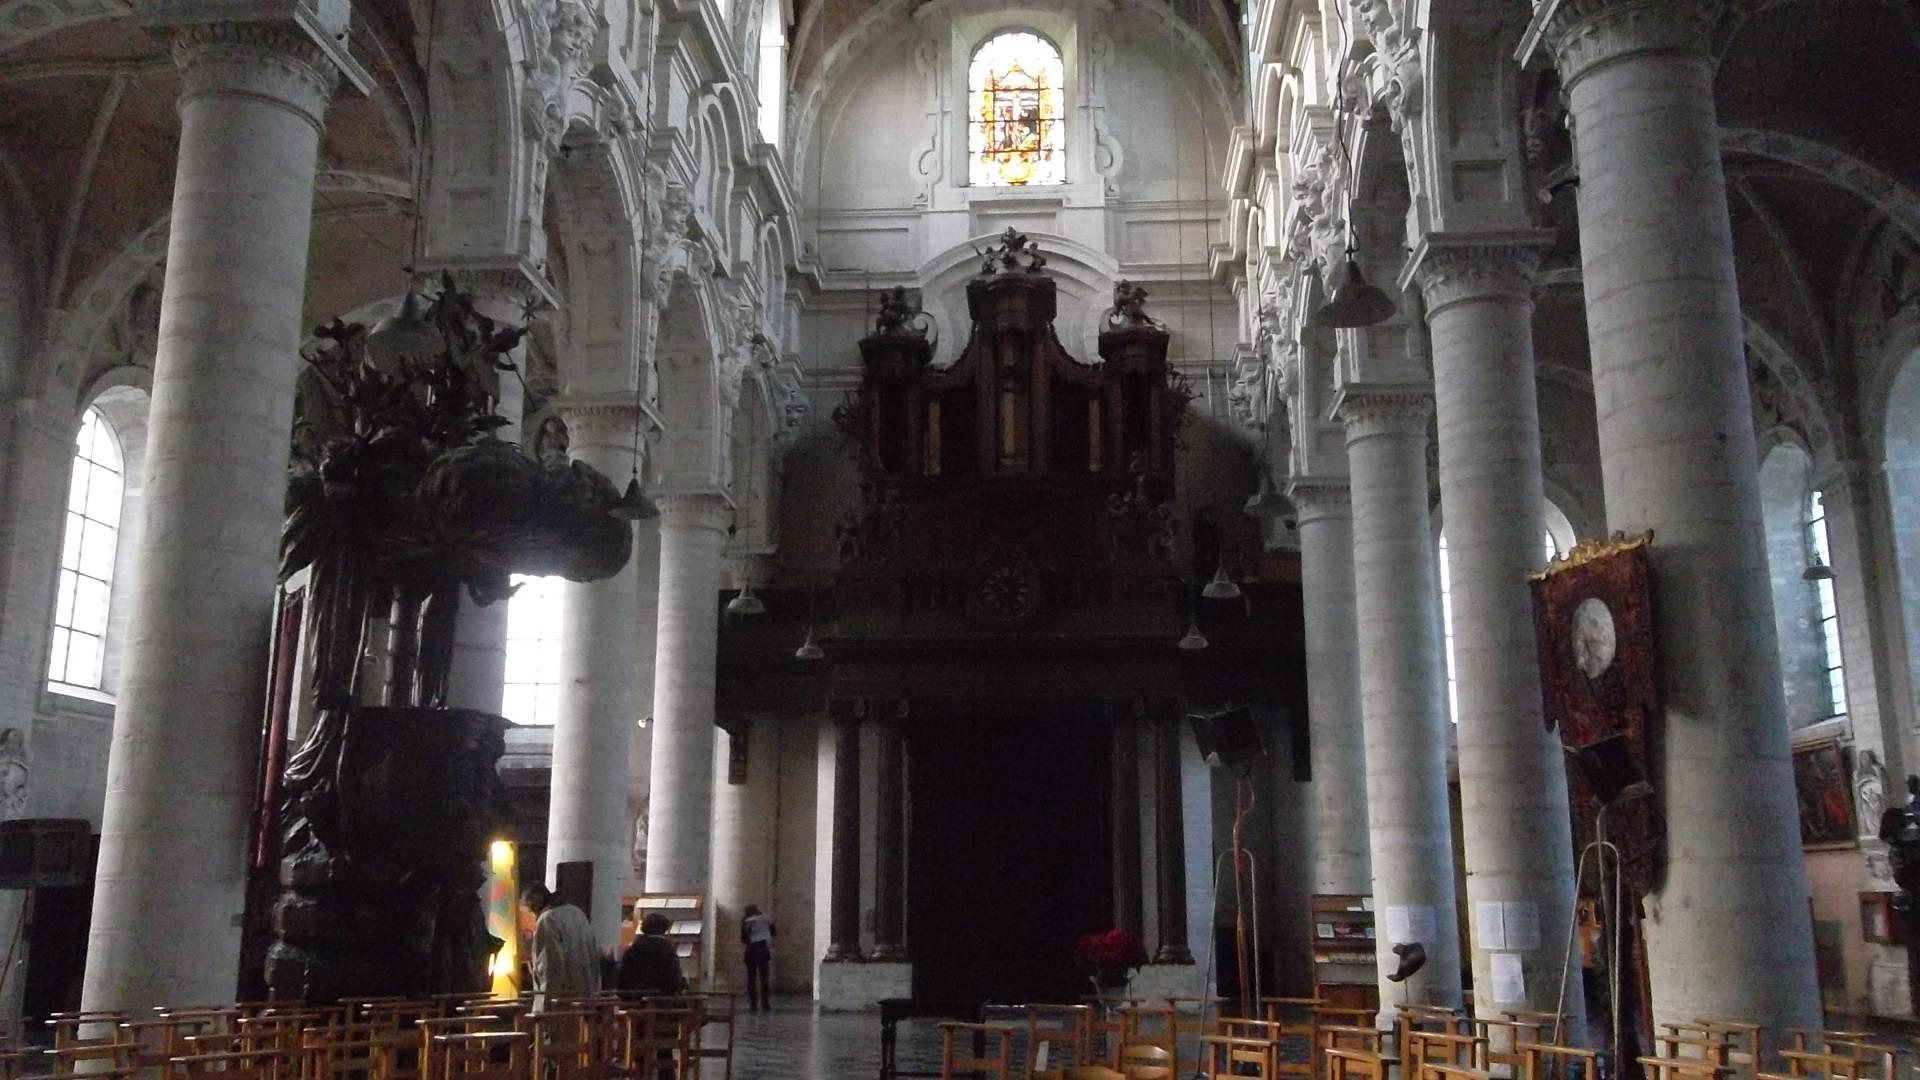 bru-église-saint-jean-baptiste-au-béguinage-organ-dec12